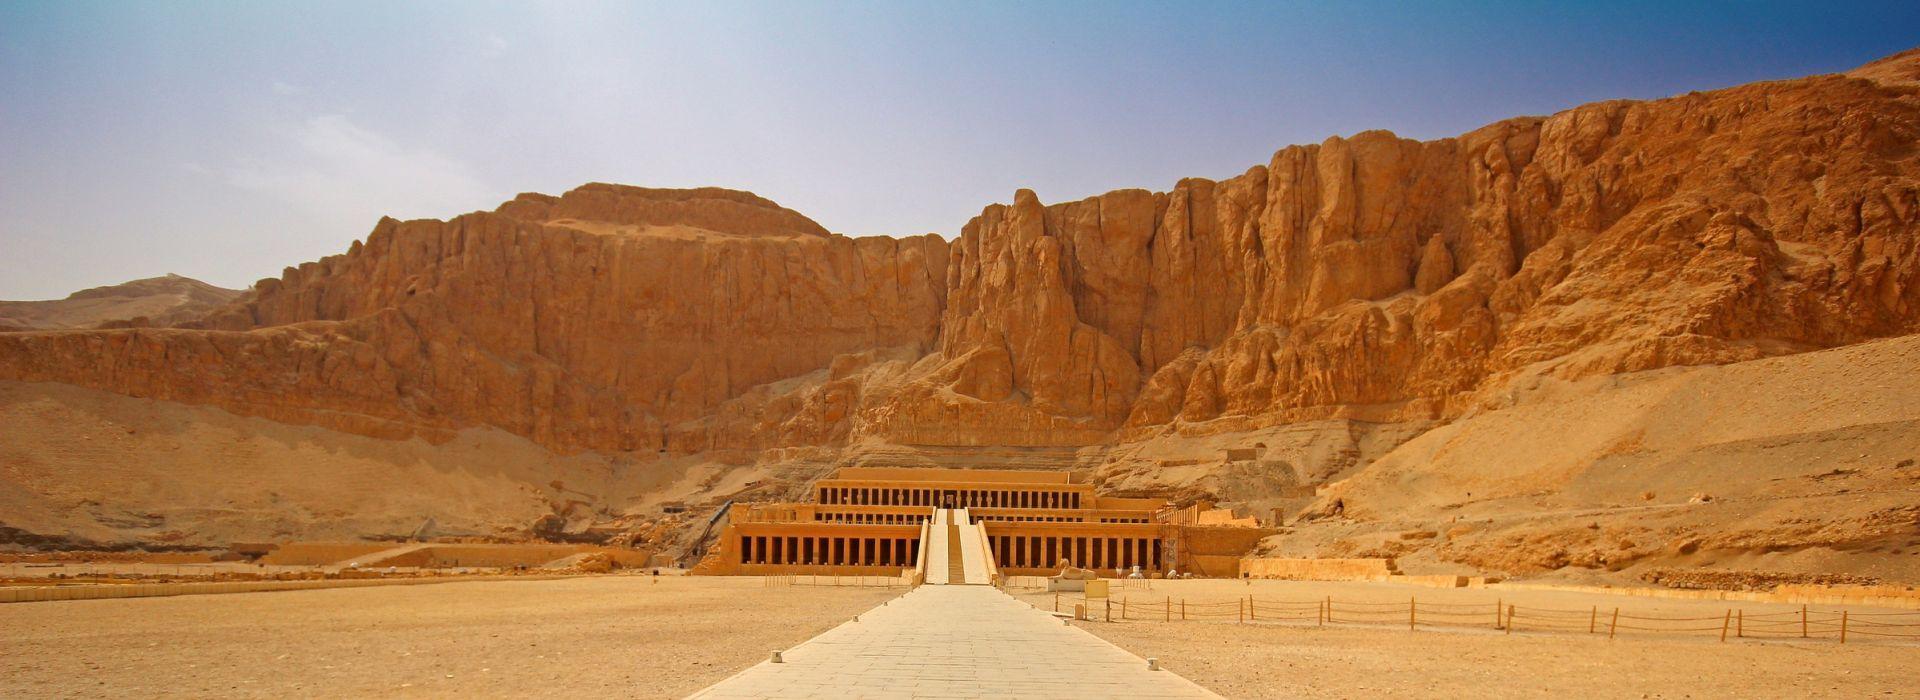 Explorer Tours in Cairo